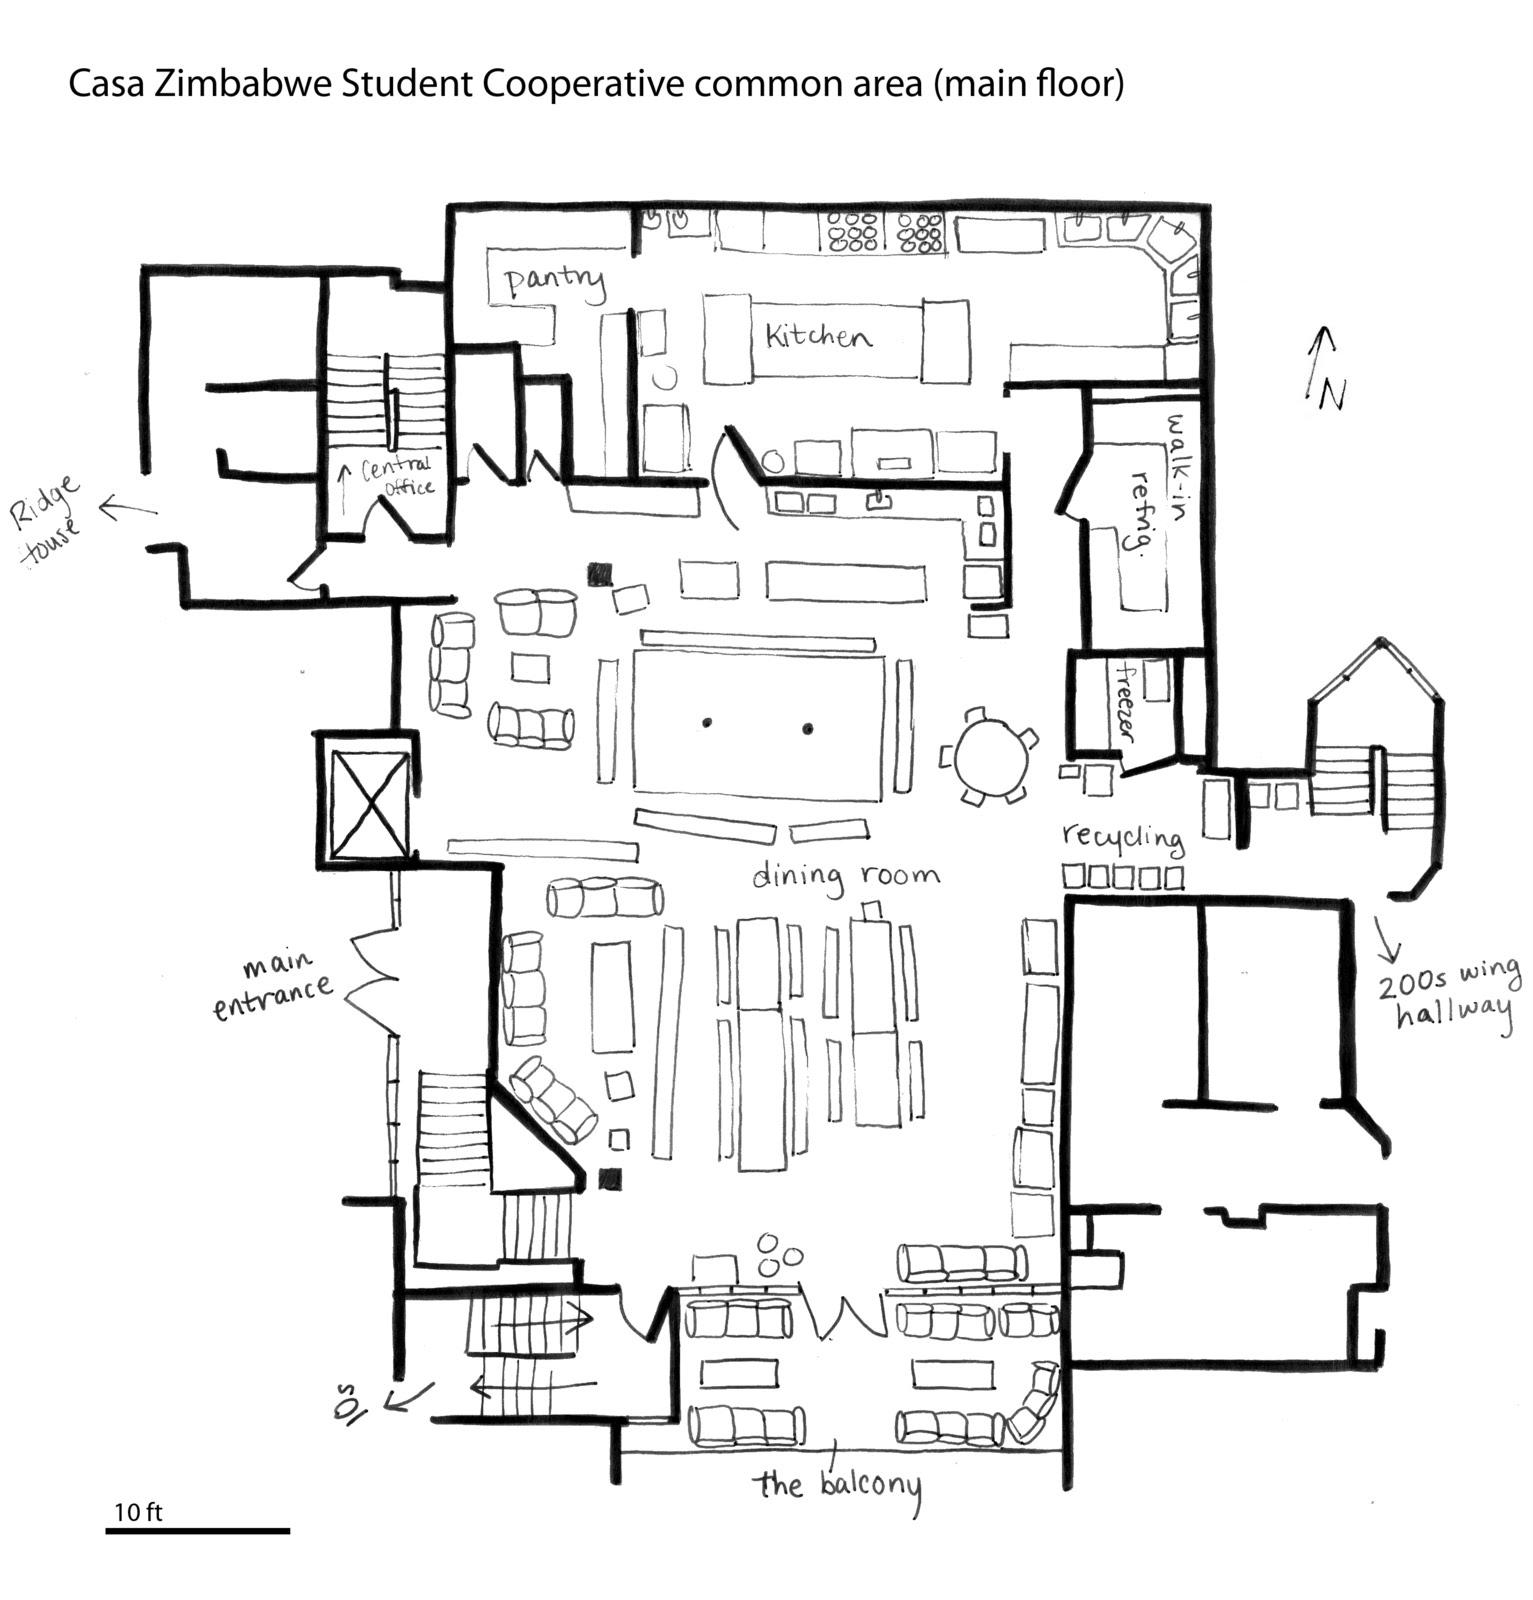 It's a Co-op: Casa Zimbabwe Student Co-op House, Berkeley